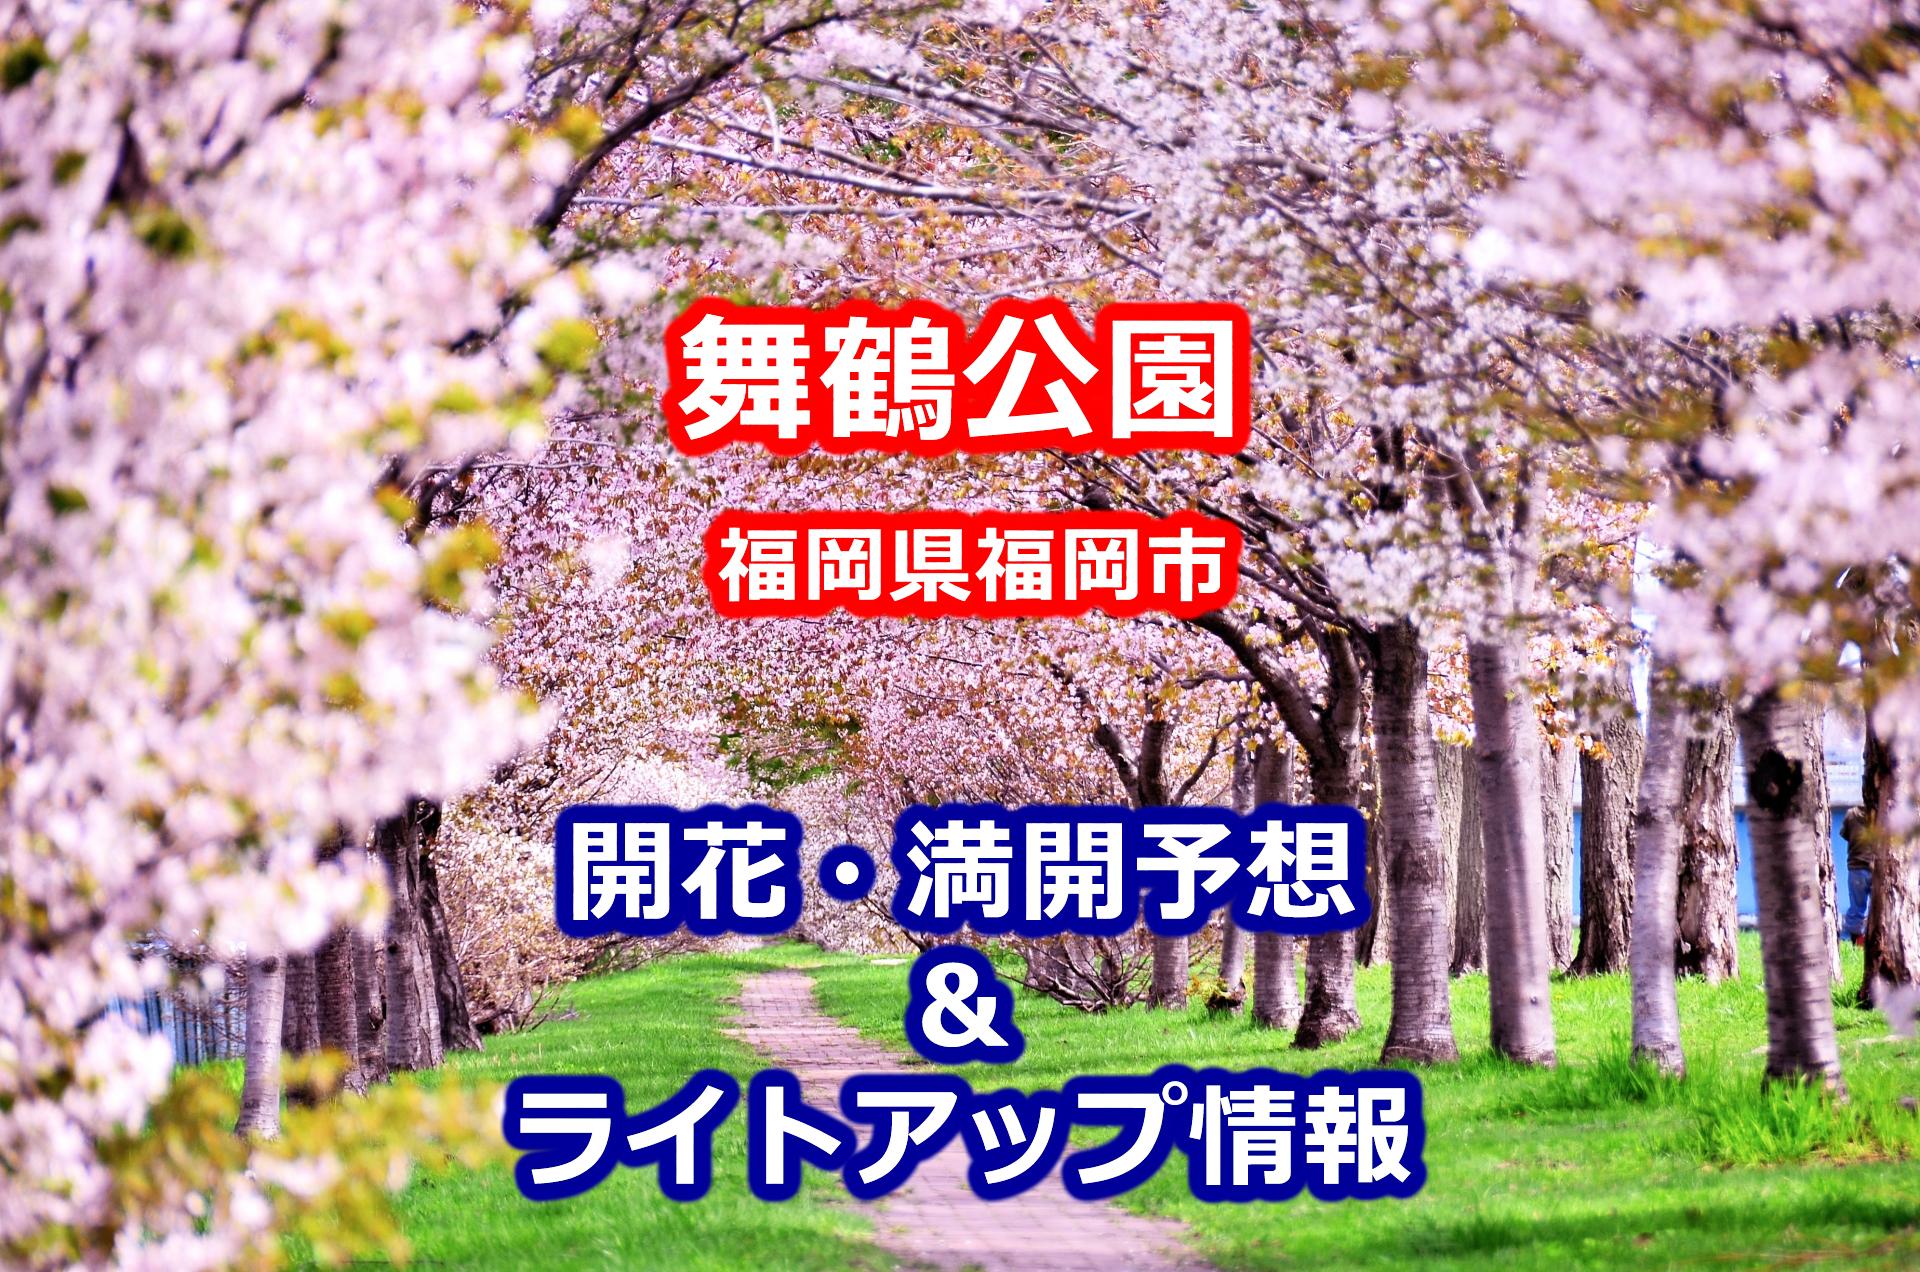 2020年舞鶴公園の桜開花・満開予想と福岡城さくらまつり・ライトアップの期間・時間